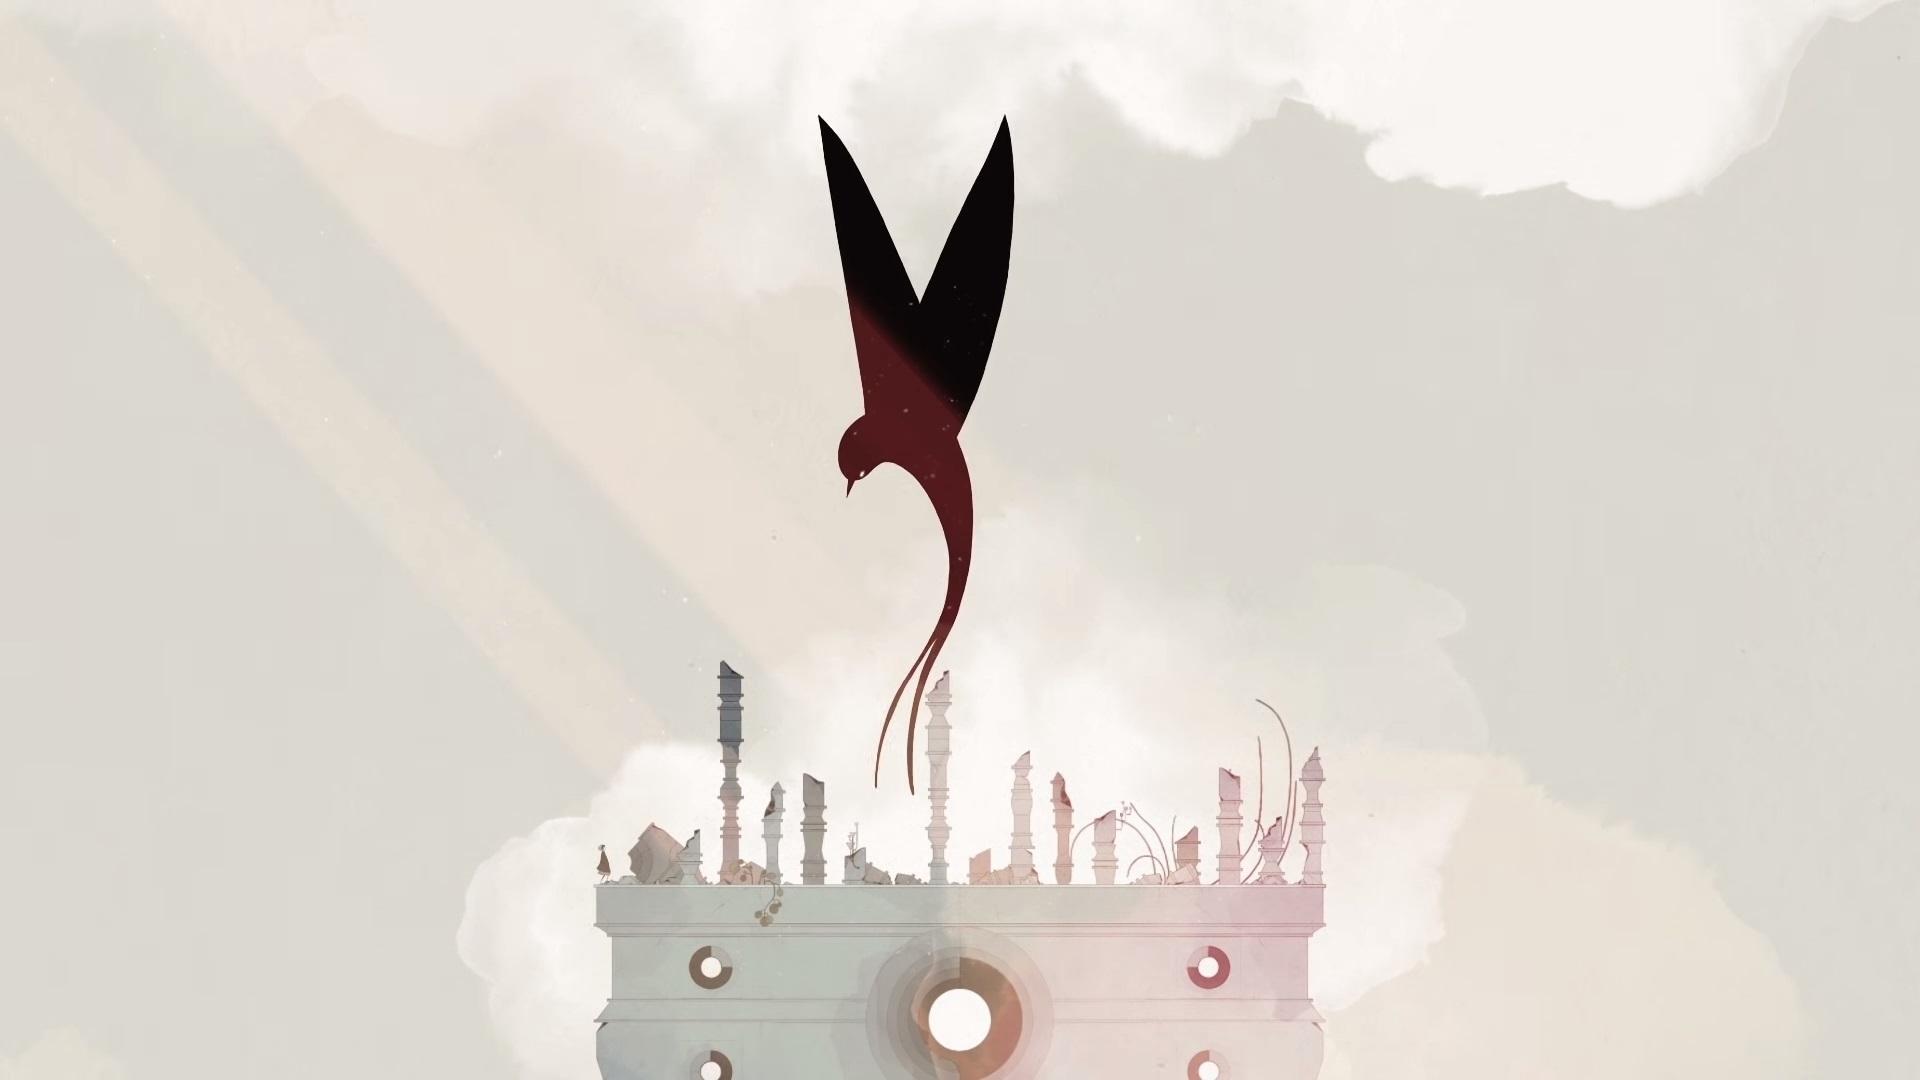 Gorgeous Fall Wallpaper Check Out Nomada Studio S Gorgeous Game Gris Tettybetty